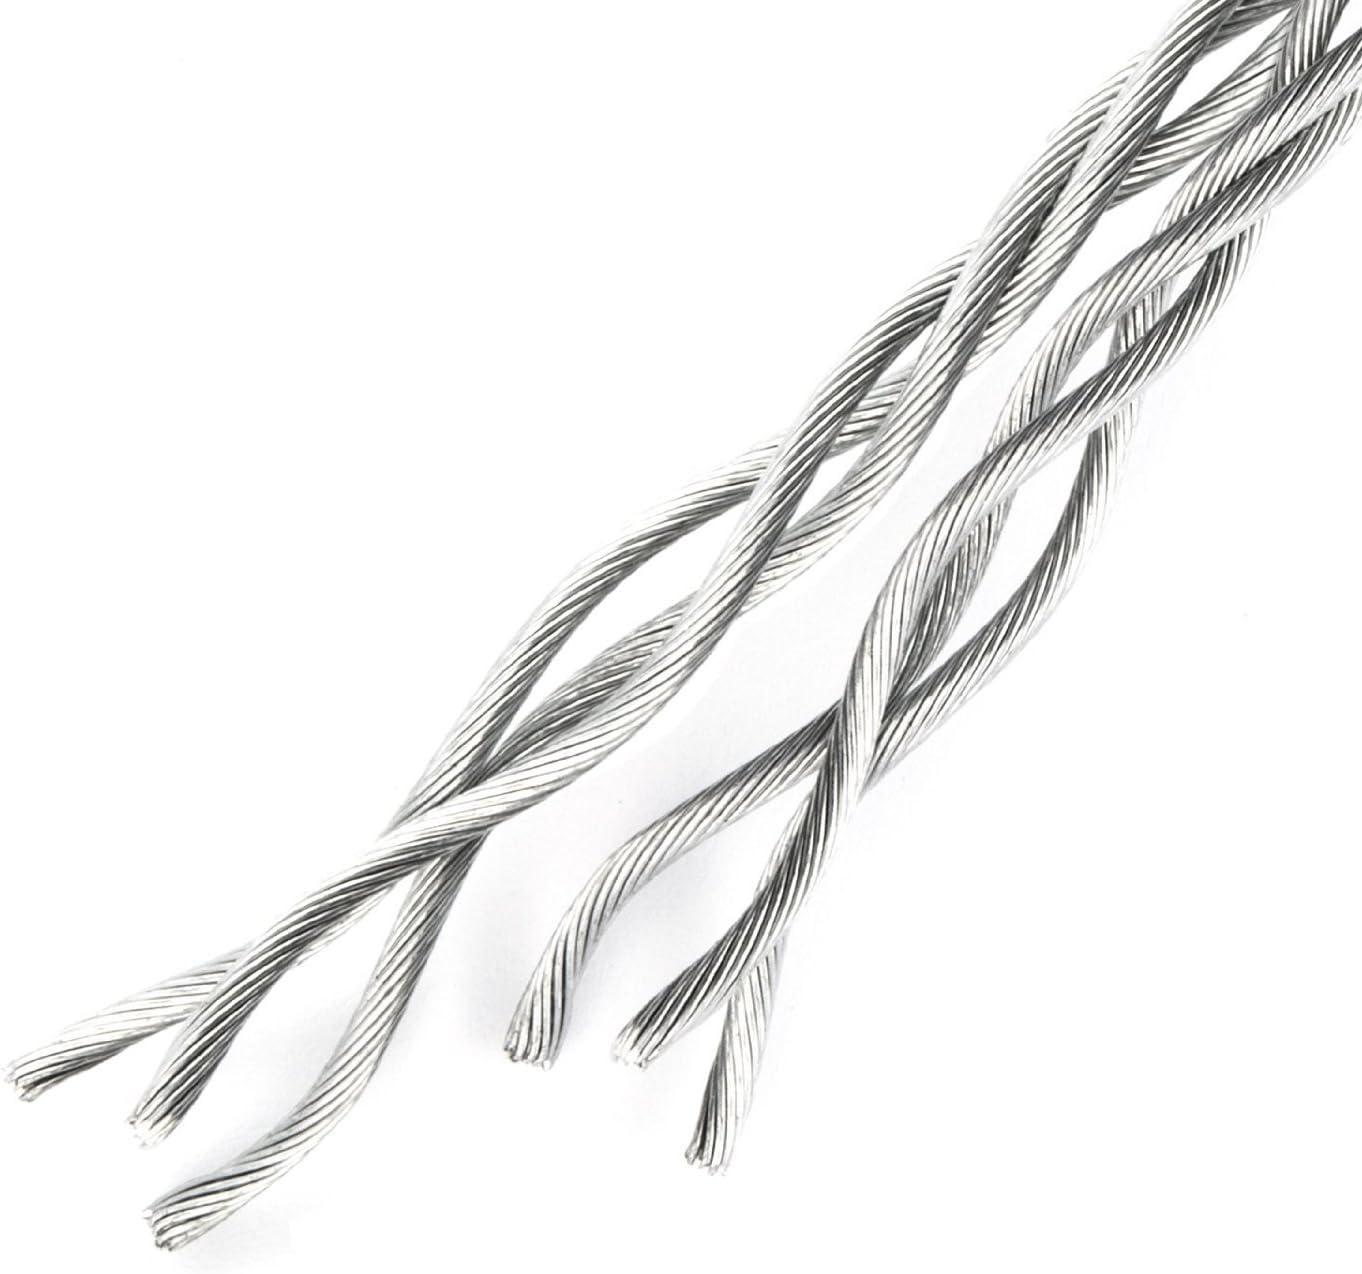 10m steel wire rope 6mm galvanised steel EN 12385-4 Strand 6x19+FC